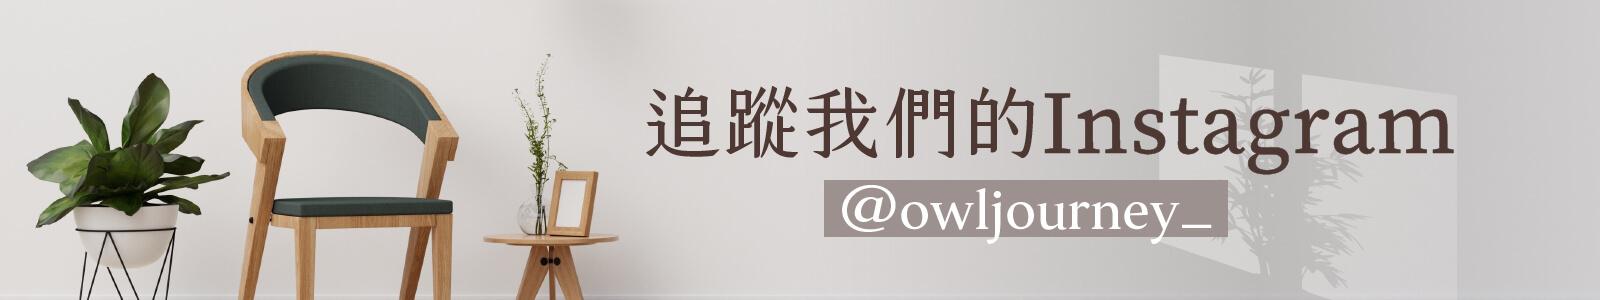 頭尾banner_揪你IG